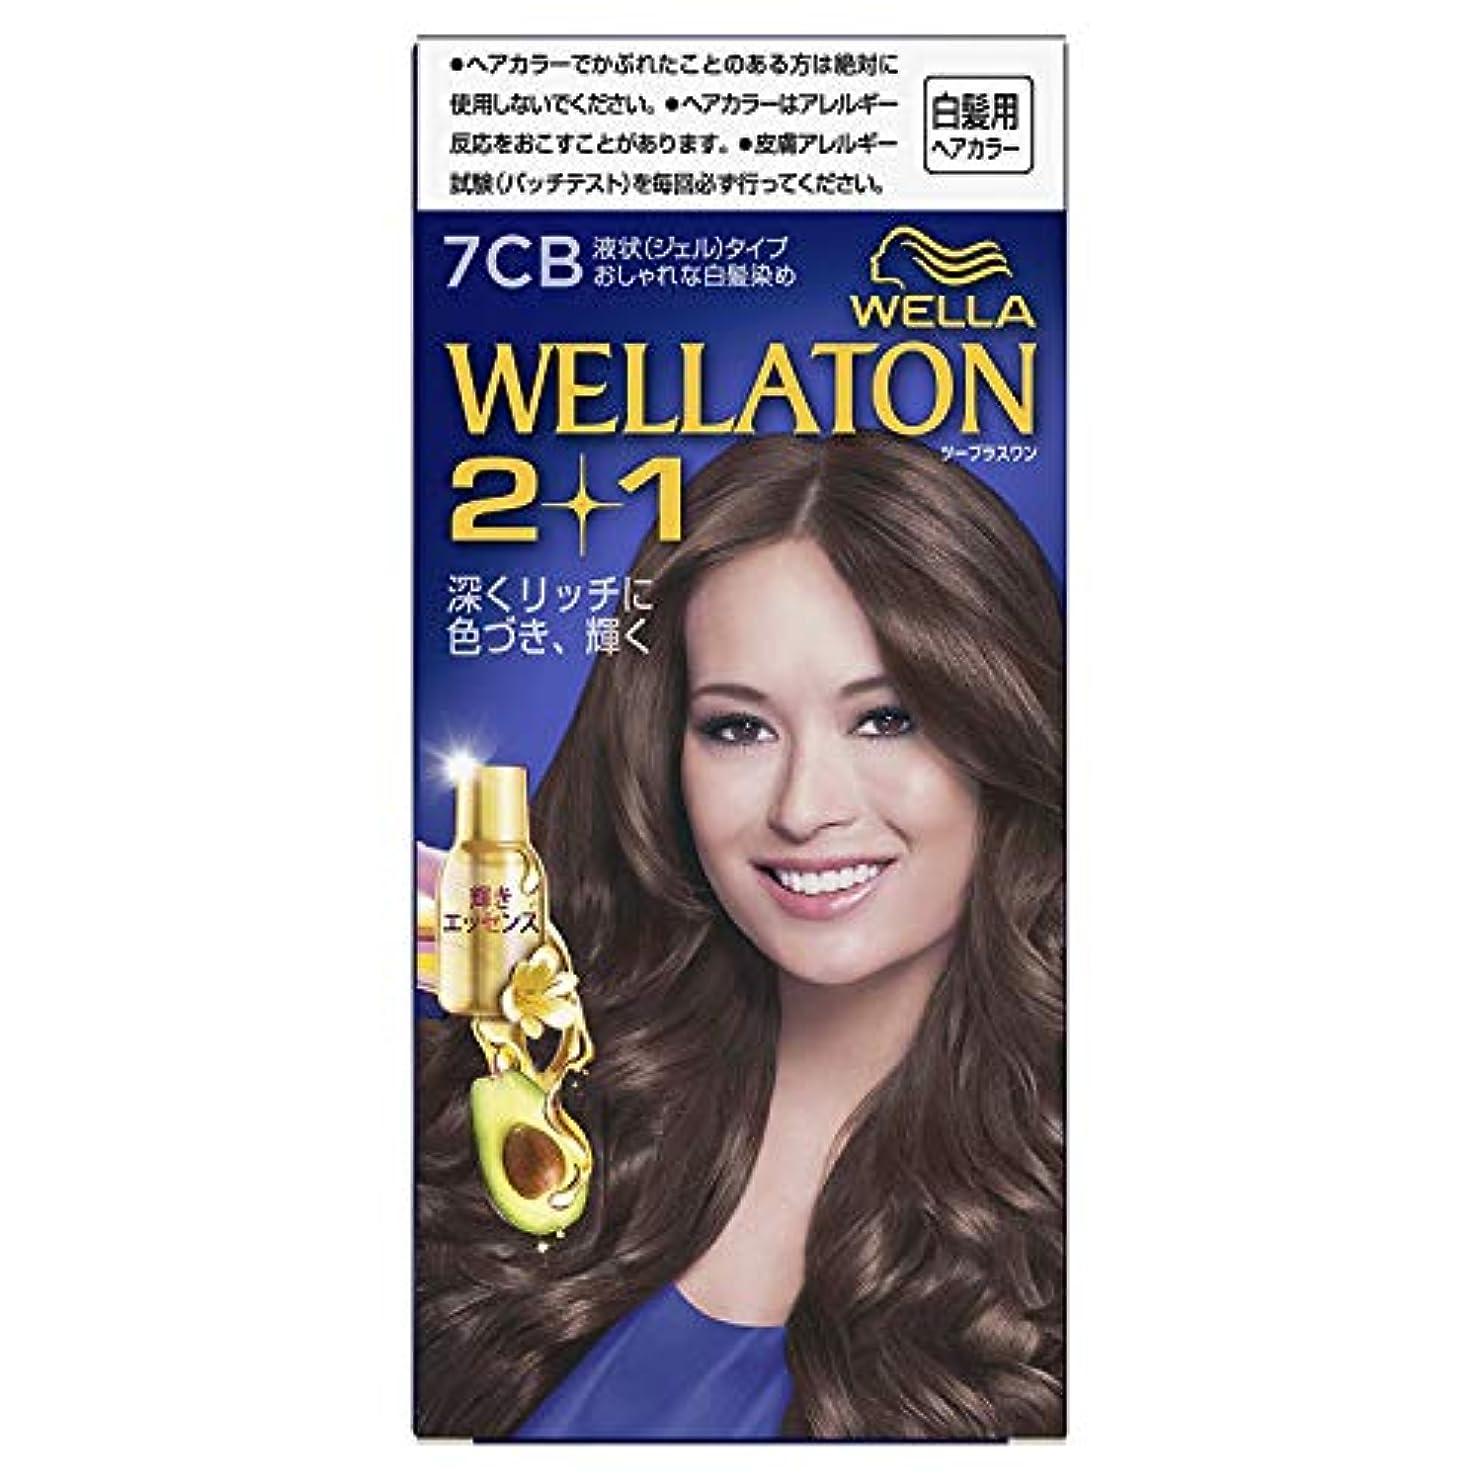 光景階段素朴なウエラトーン2+1 液状タイプ 7CB [医薬部外品] ×6個